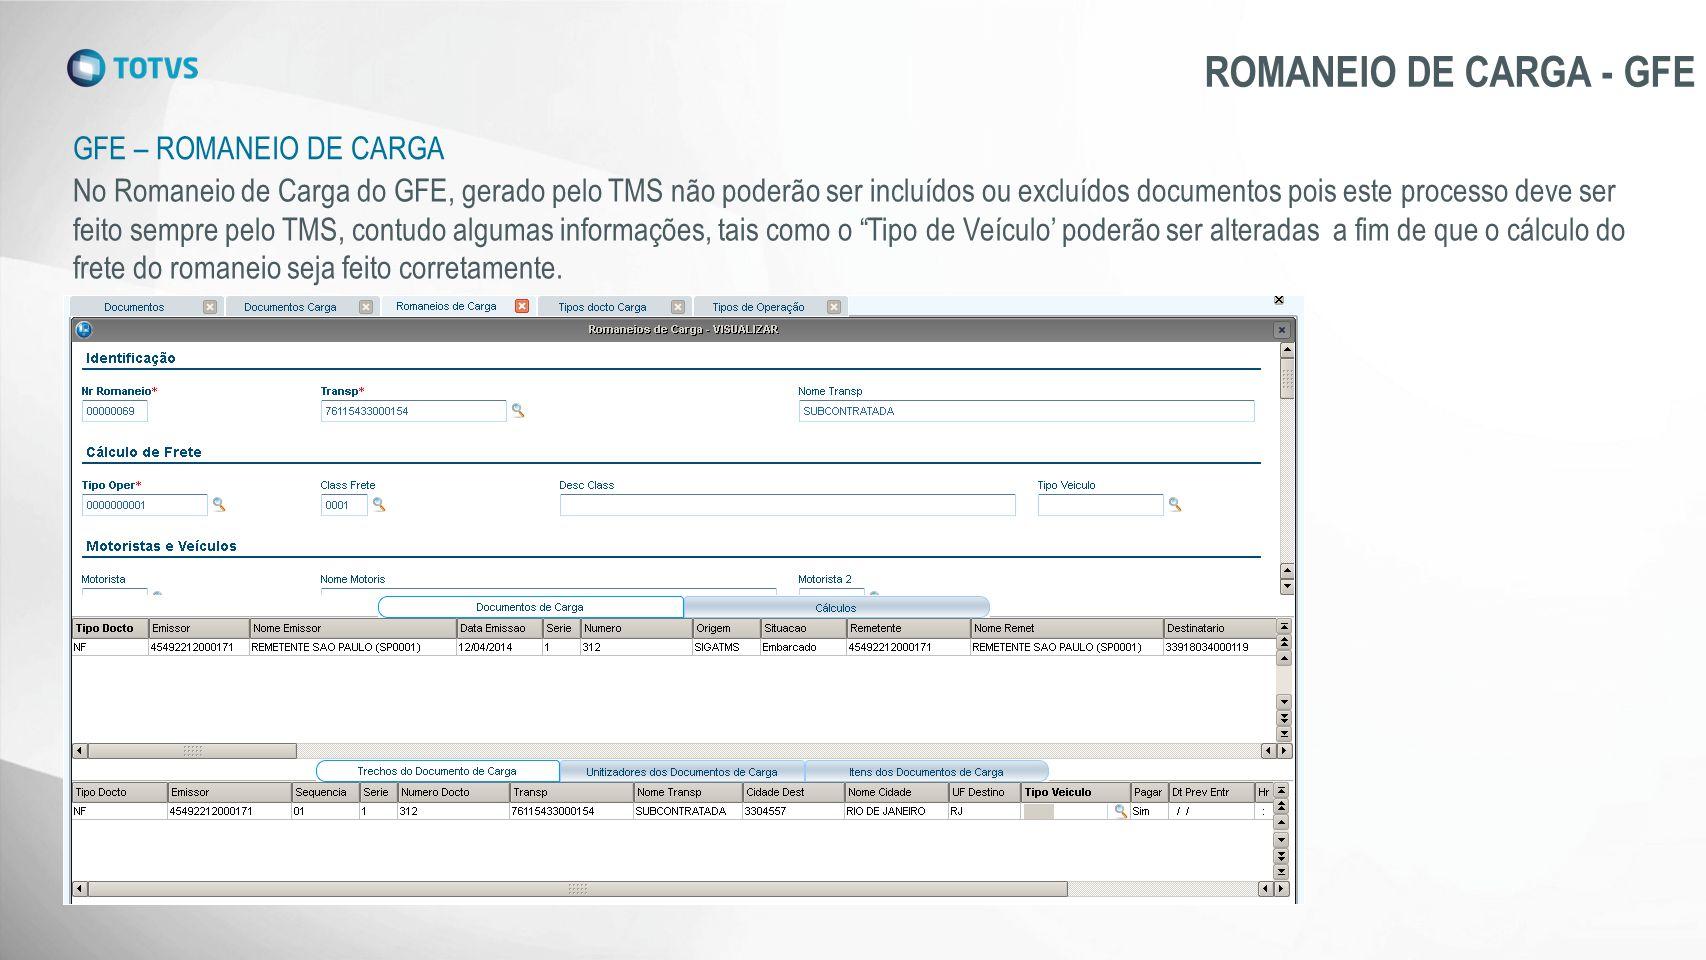 GFE – ROMANEIO DE CARGA ROMANEIO DE CARGA - GFE No Romaneio de Carga do GFE, gerado pelo TMS não poderão ser incluídos ou excluídos documentos pois es